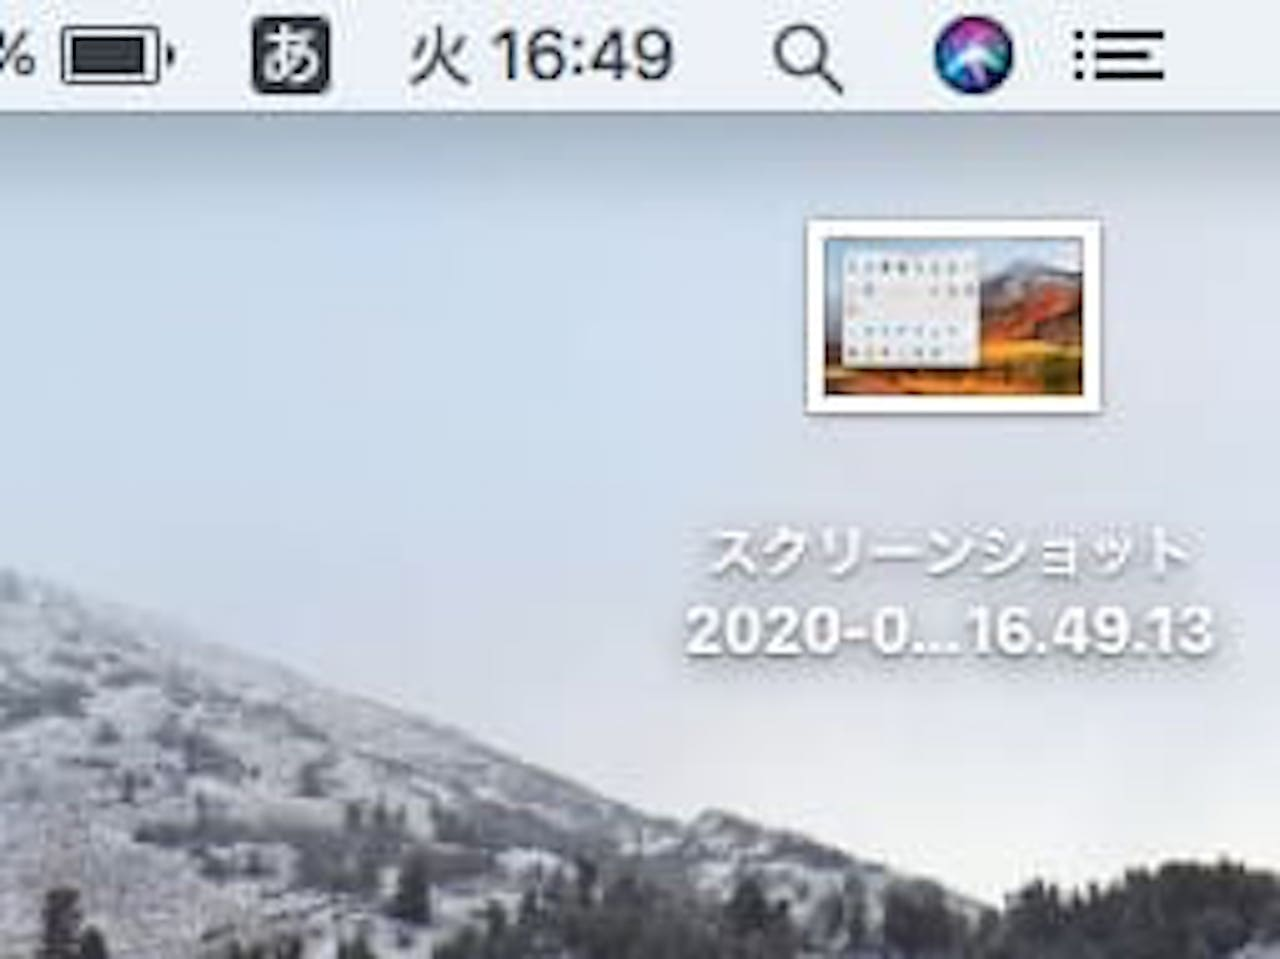 画面全体のスクリーンショットを撮る方法②